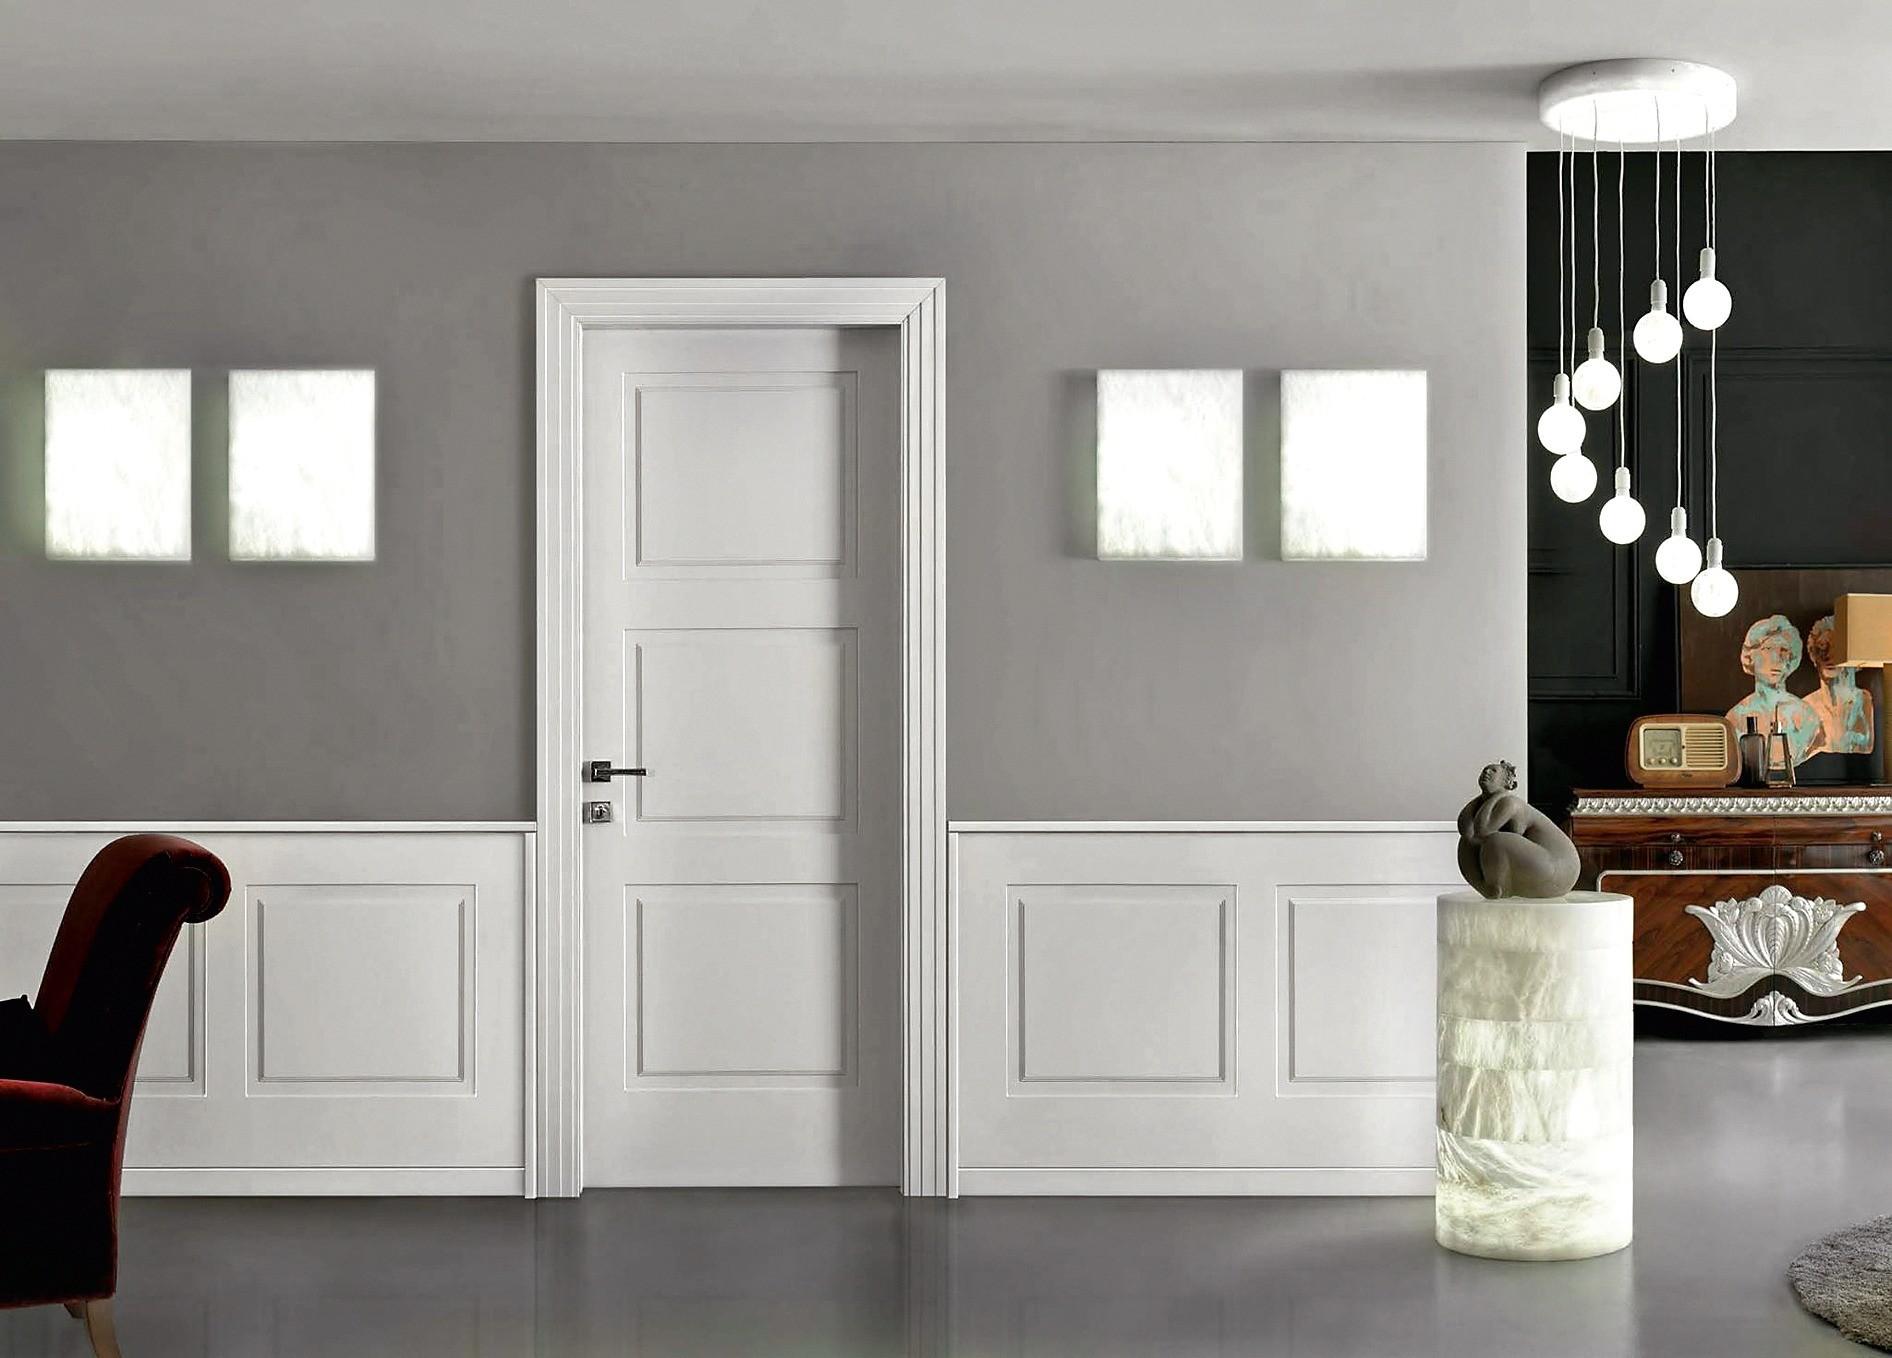 Дверь и стеновые панели, выполненные в едином стиле,— элегантное решение для классического интерьера